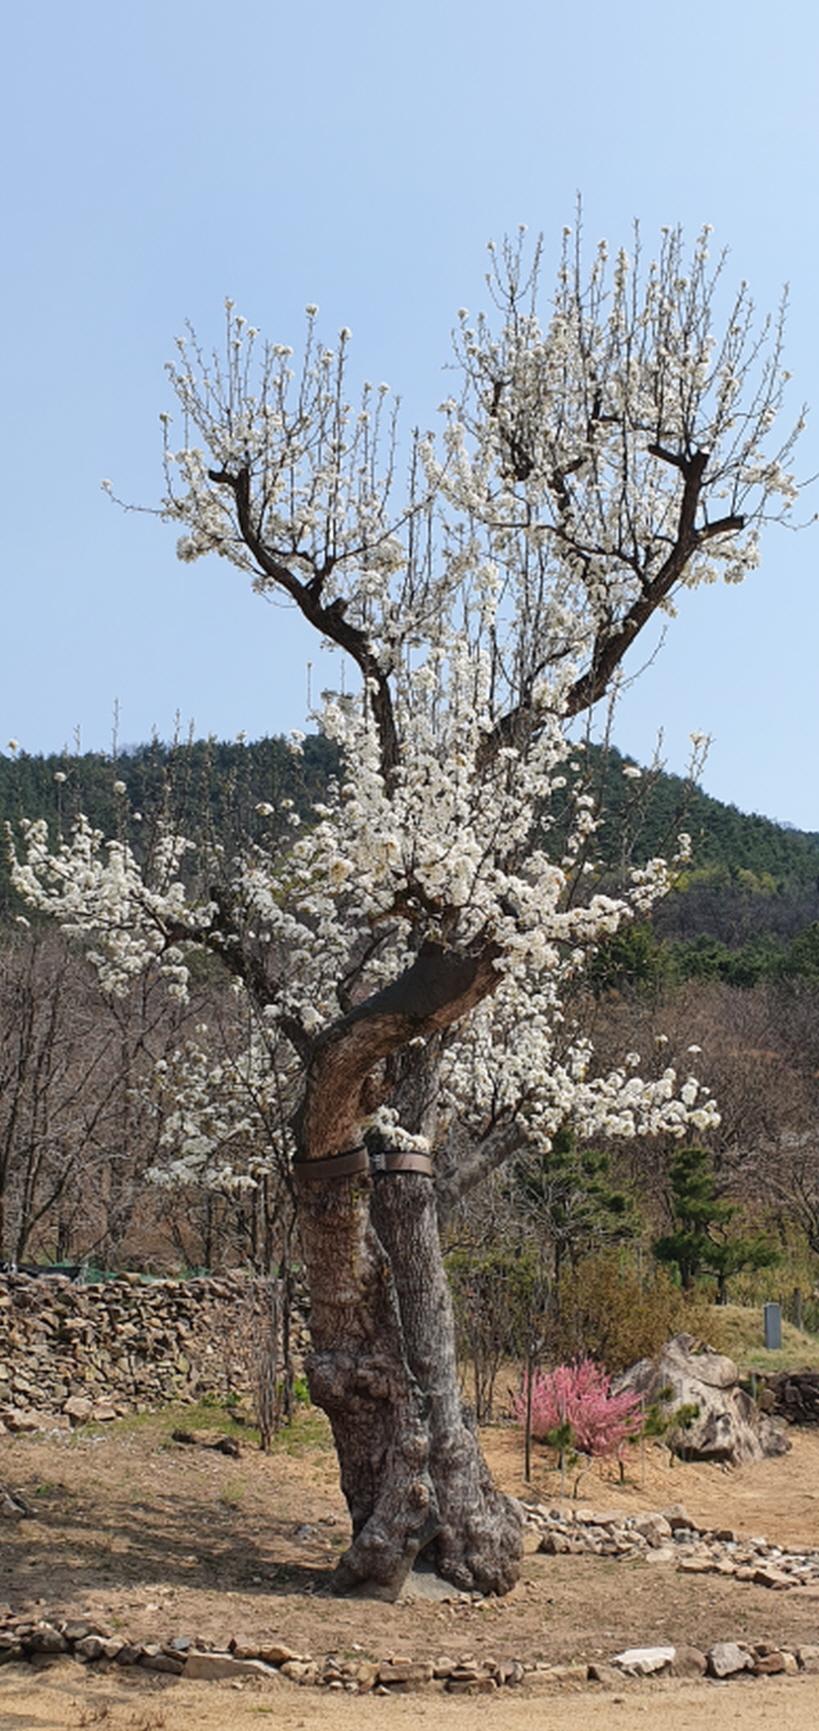 구미시 도개면 자비사 소유 돌배나무를 천연기념물 지정을 !